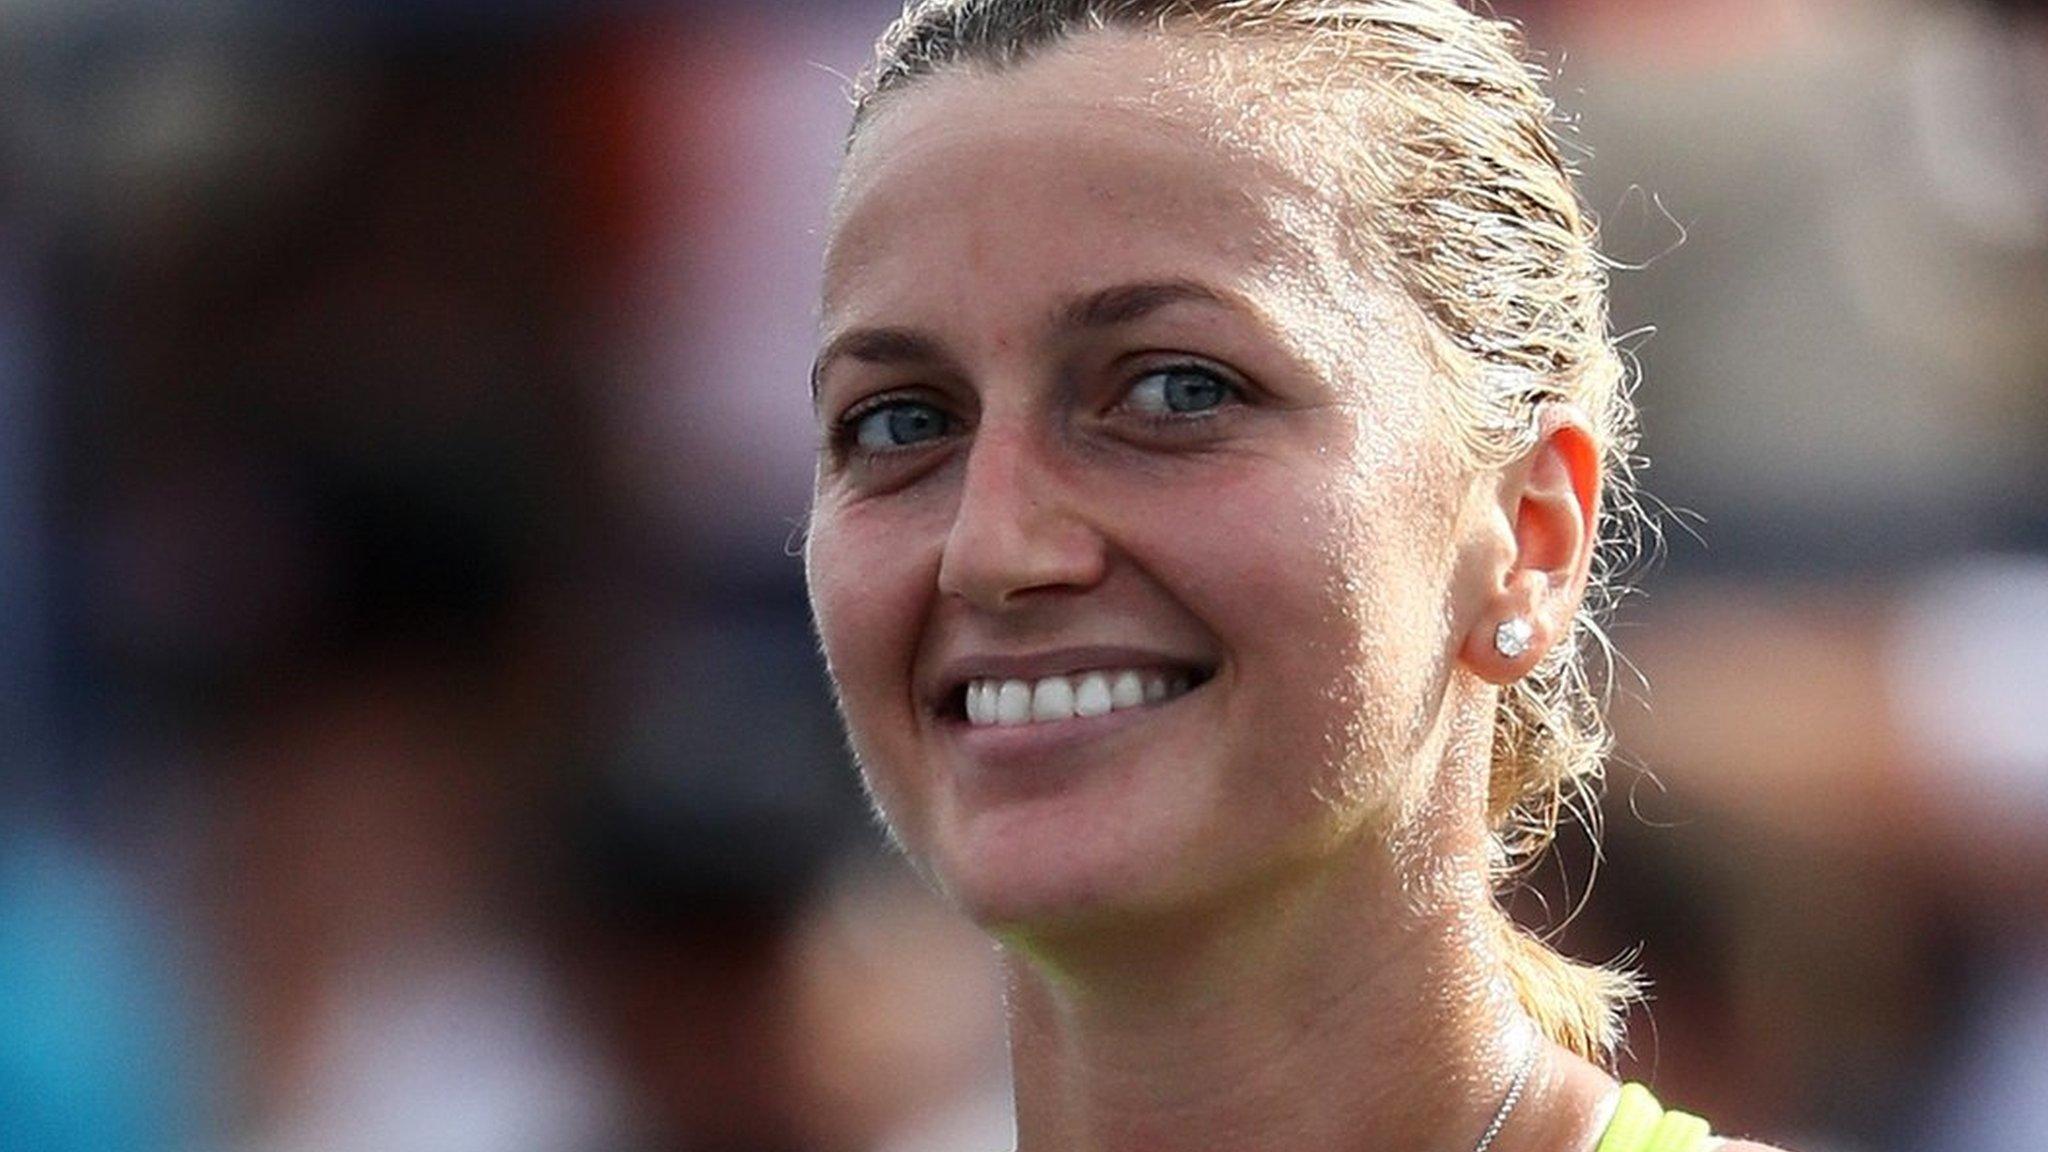 French Open 2017: Kvitova wins biggest fight with comeback